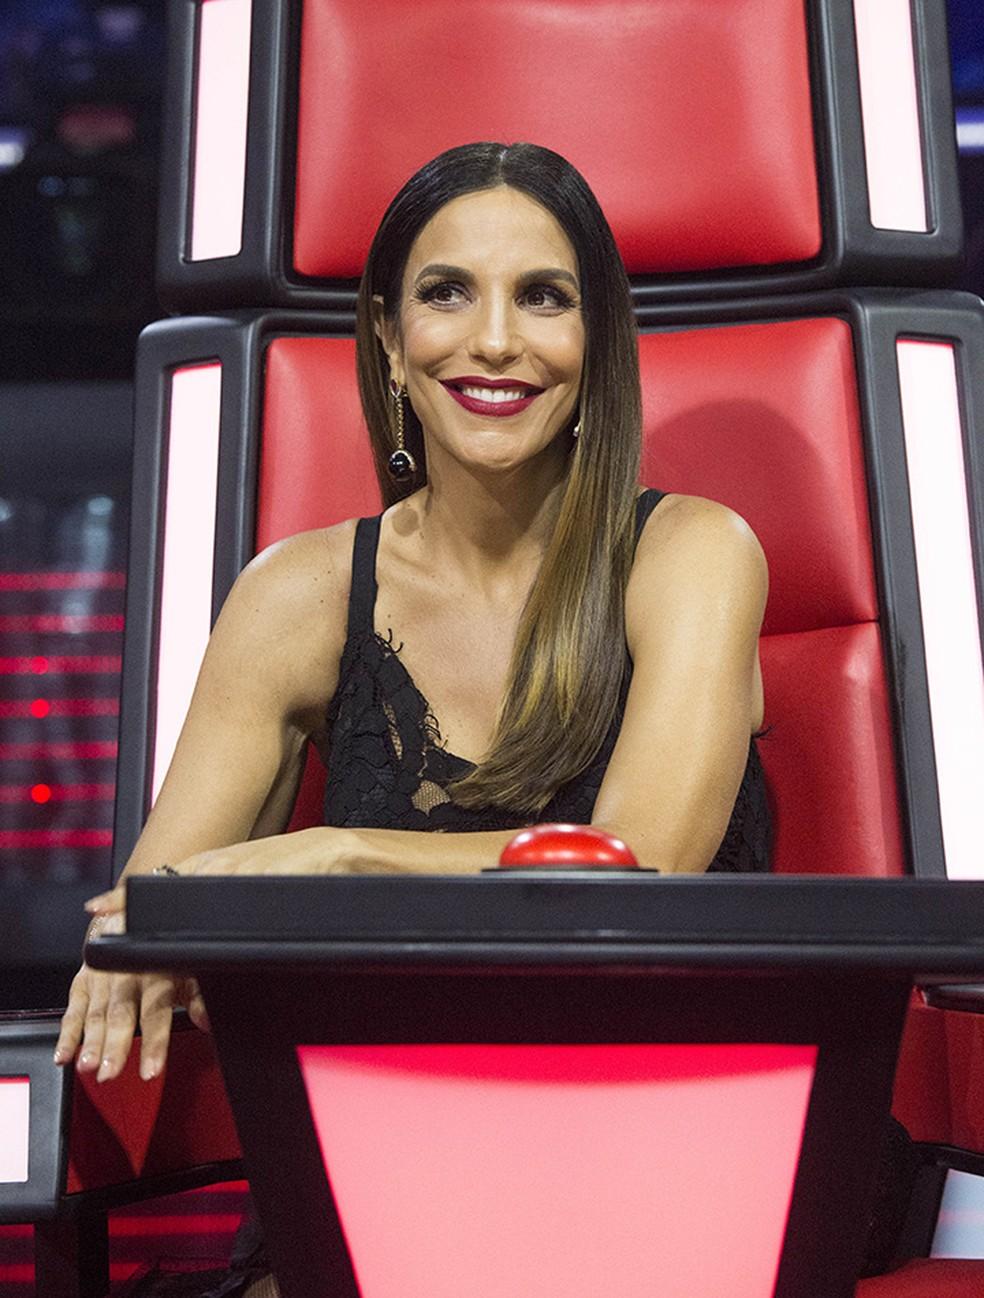 Veveta vai ser técnica pela primeira vez no 'The Voice Brasil' (Foto: Estevam Avellar / TV Globo)